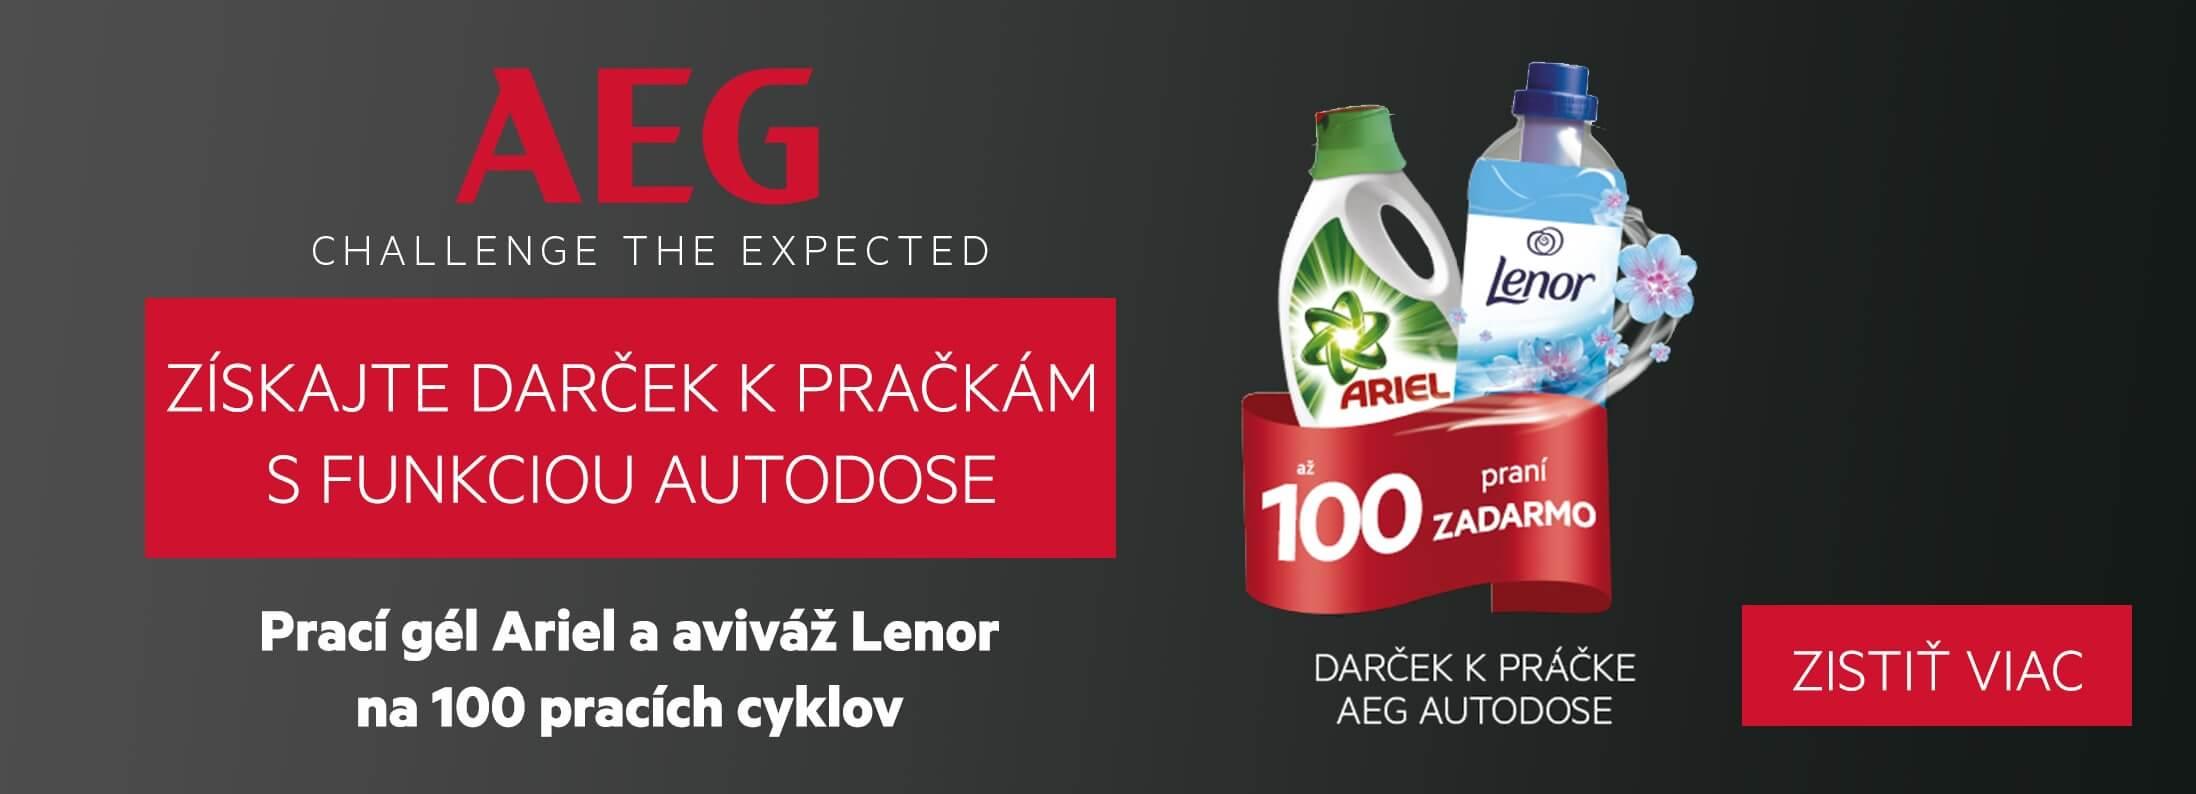 AEG - Darček k práčkám AEG s funkciou AutoDose